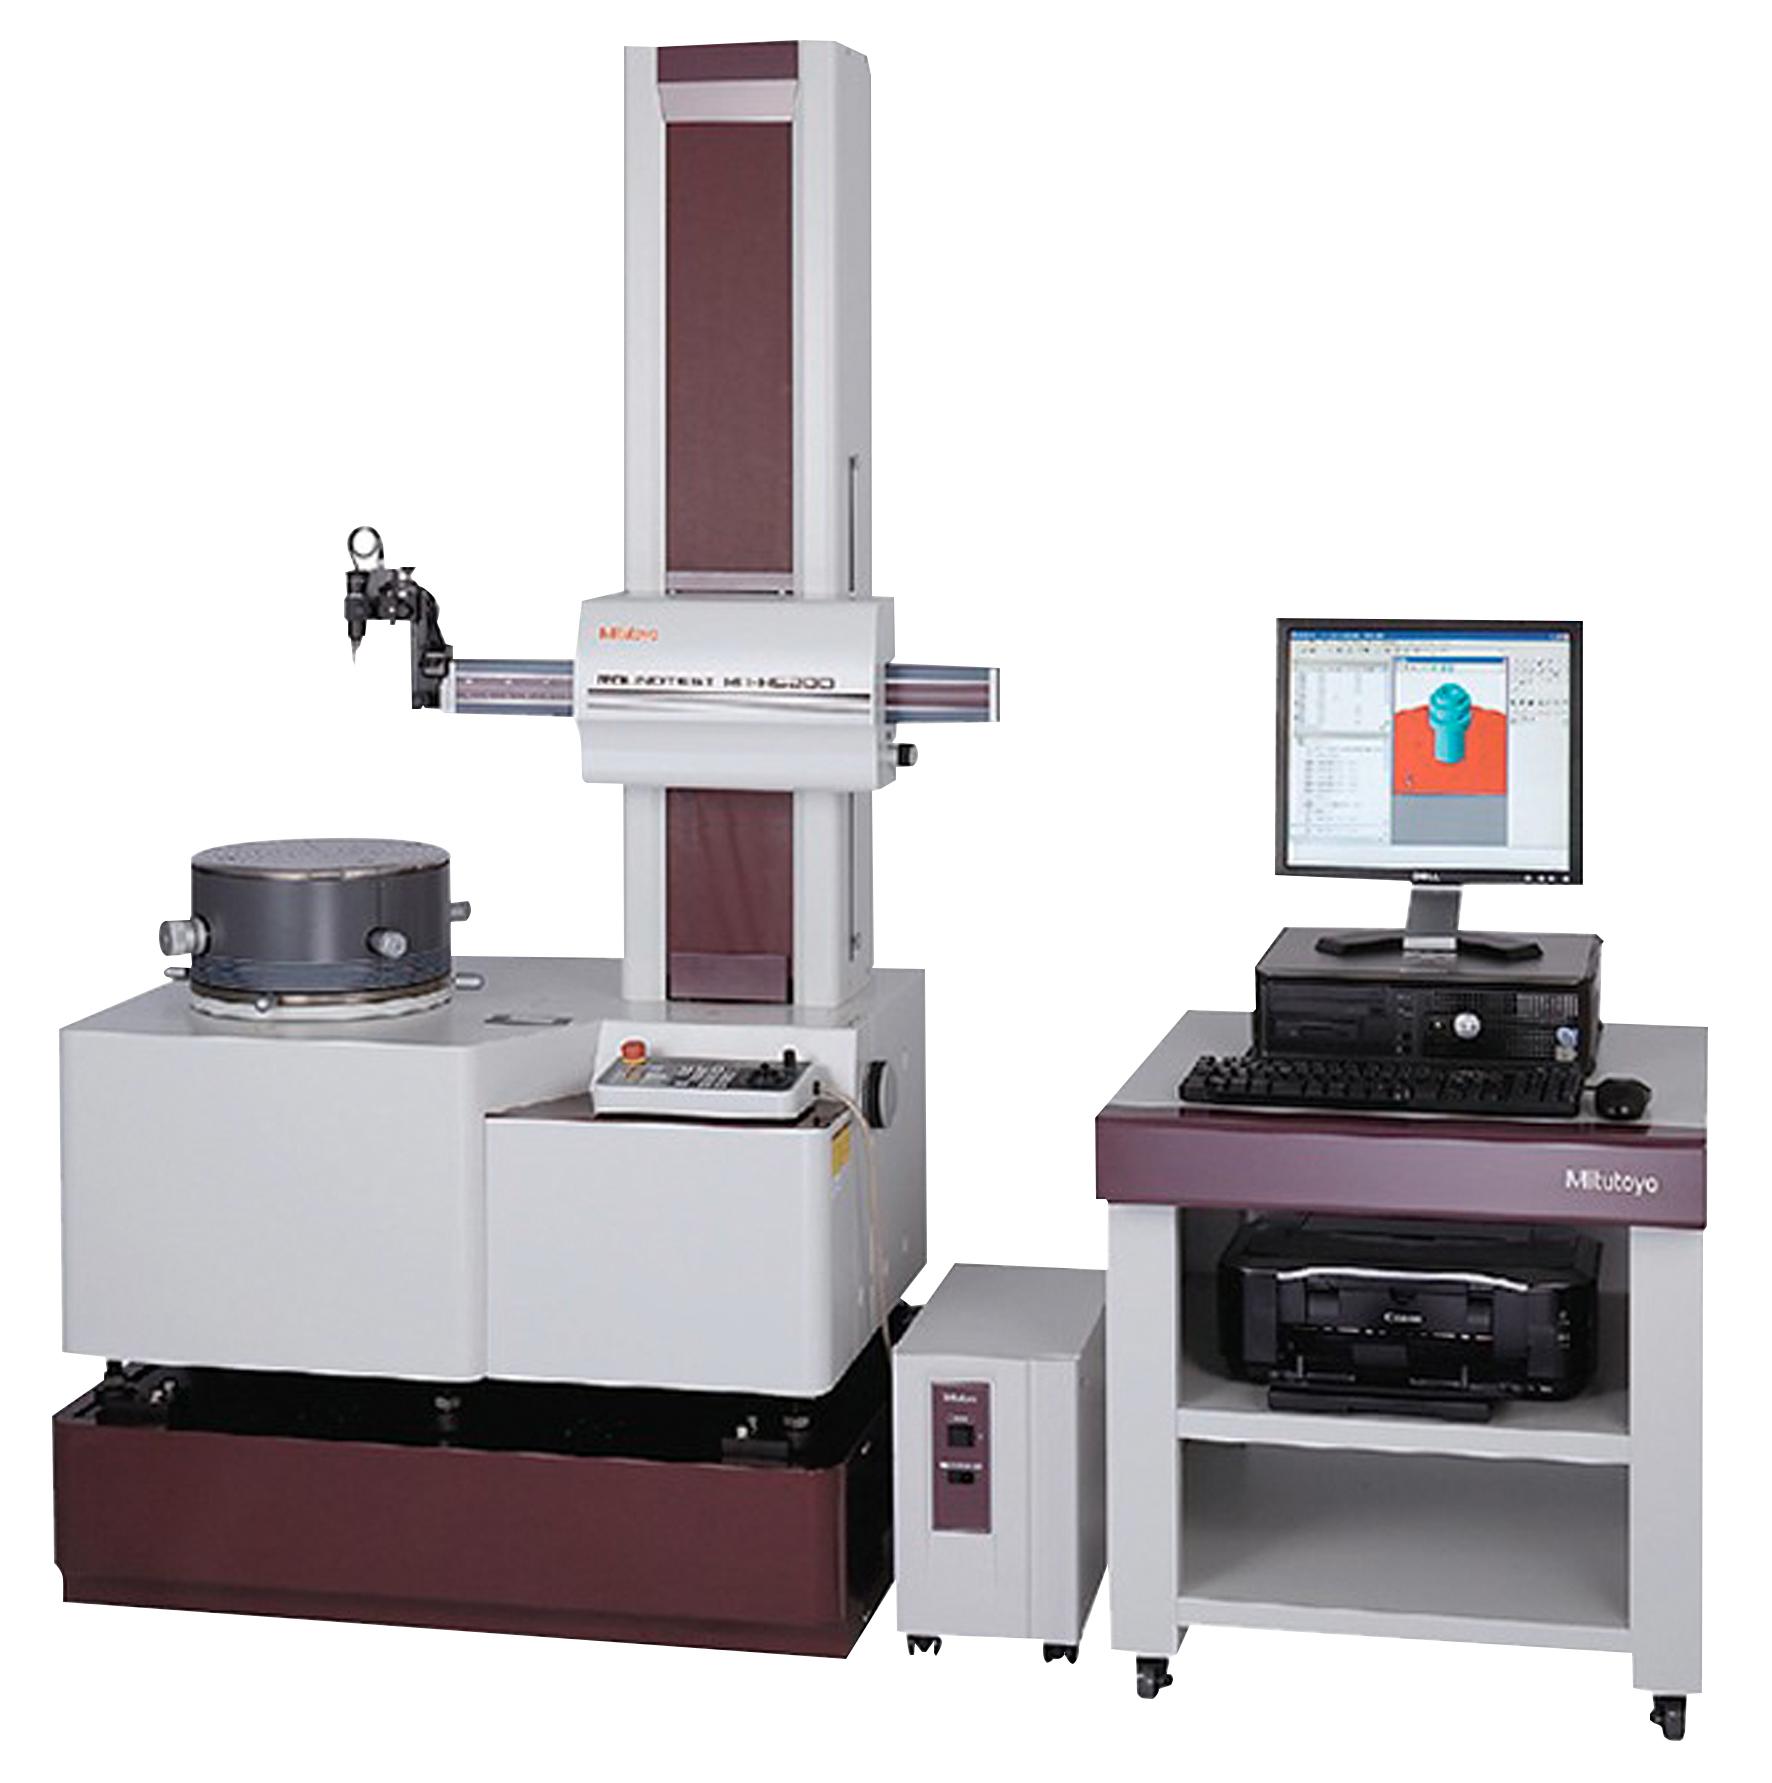 Maquinas de Redondez/cilindricidad CNC Serie 211 (RA-2200 CNC)